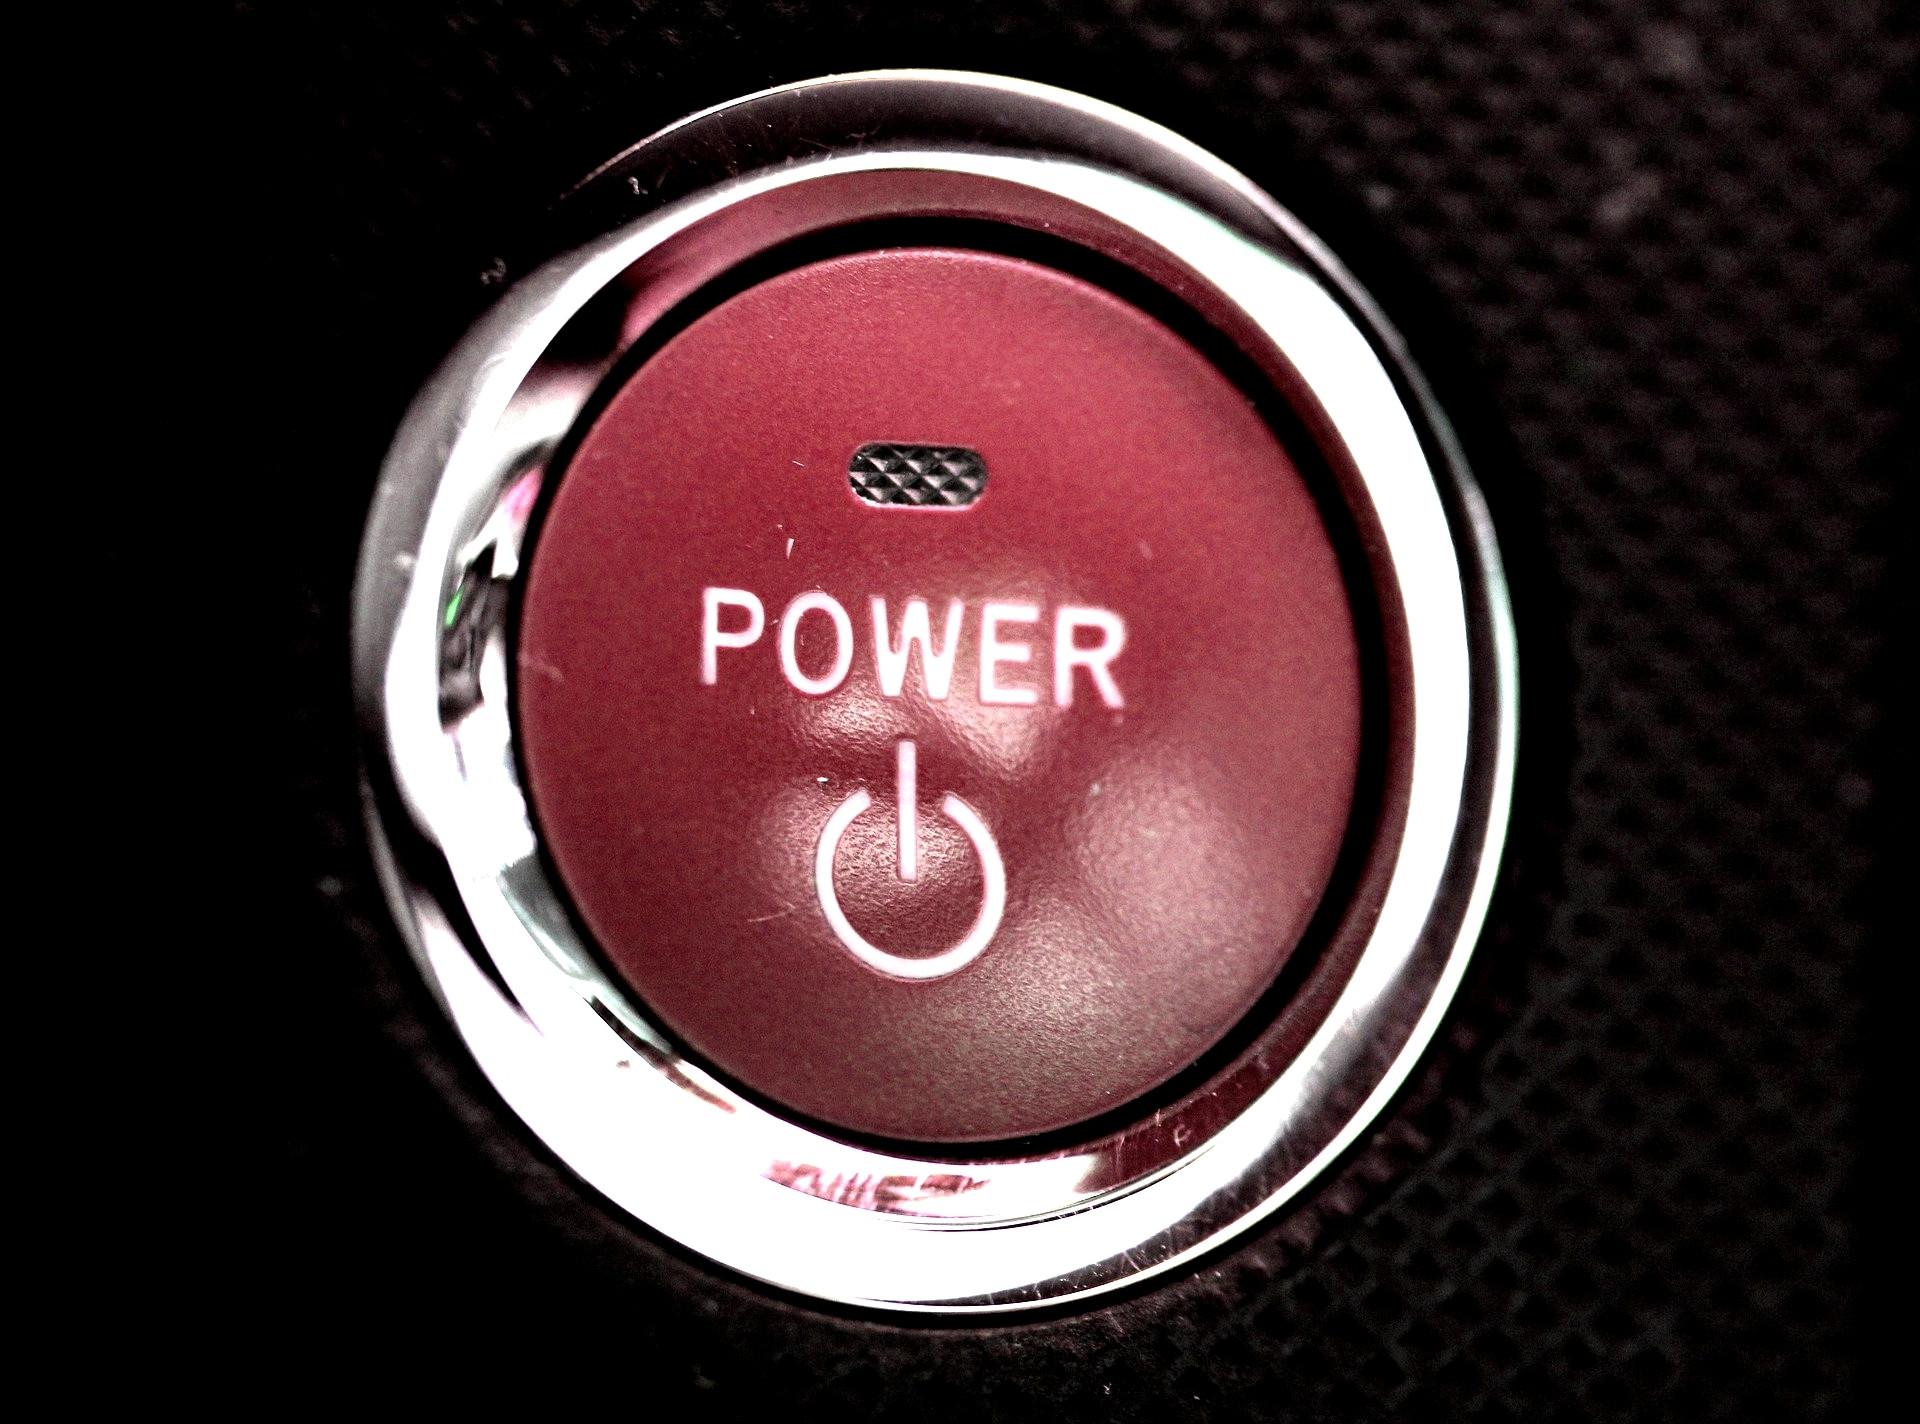 VPNFilter-Botnetz: US-Behörden raten dringend zu Router- und NAS-Neustart